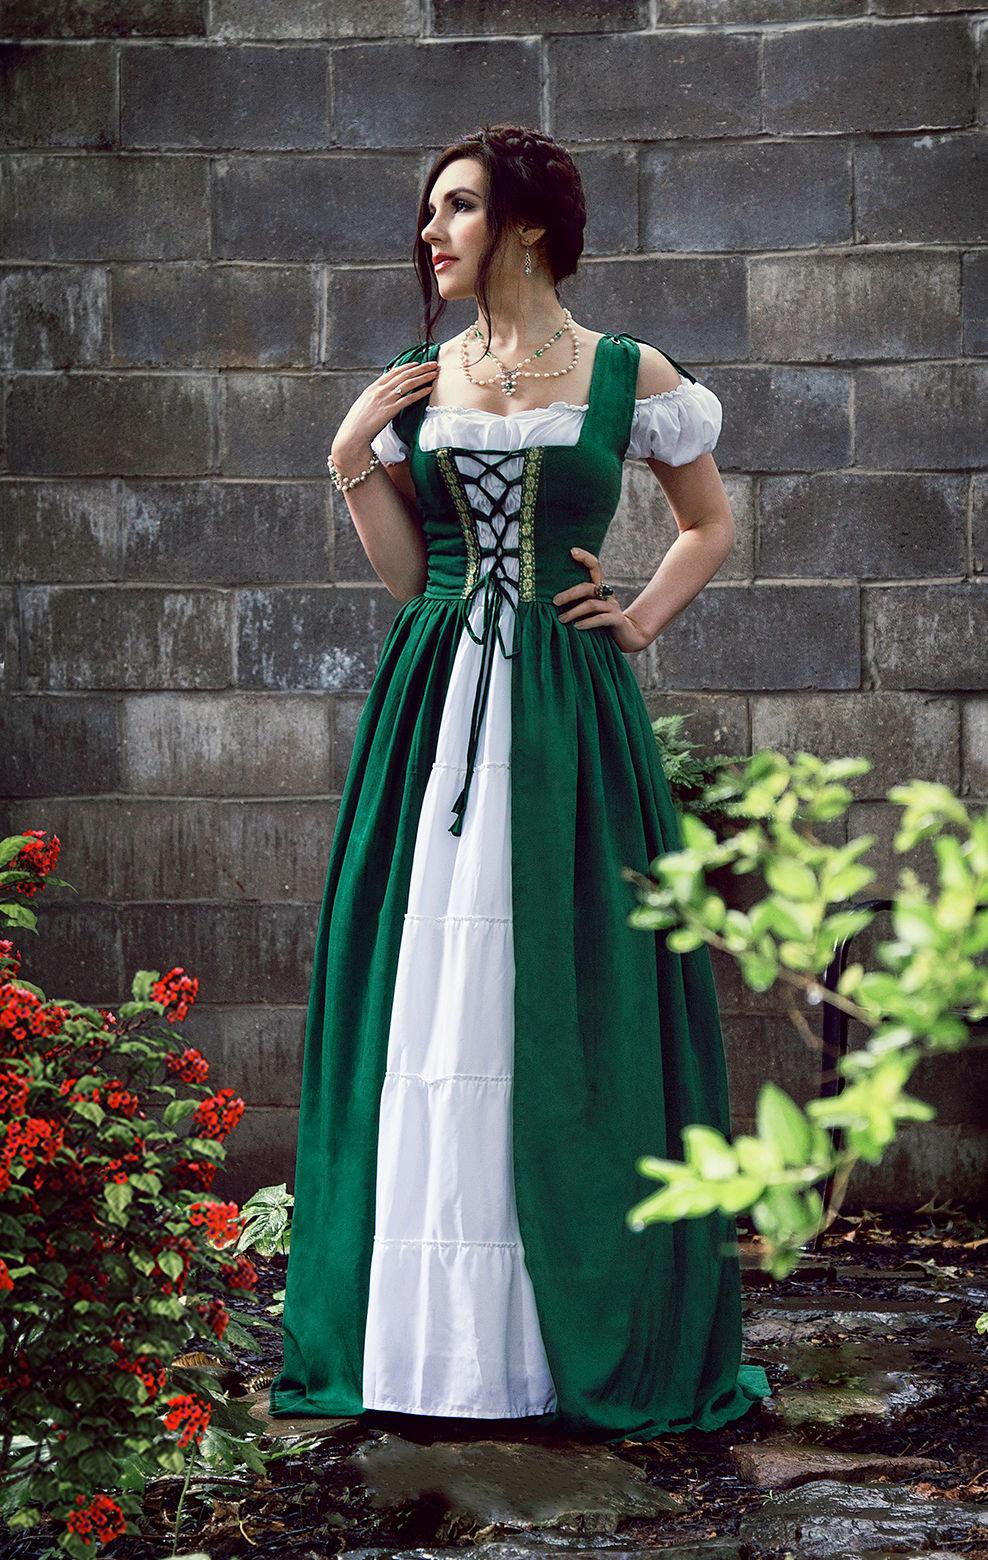 фотосессия в средневековых костюмах сайте собраны